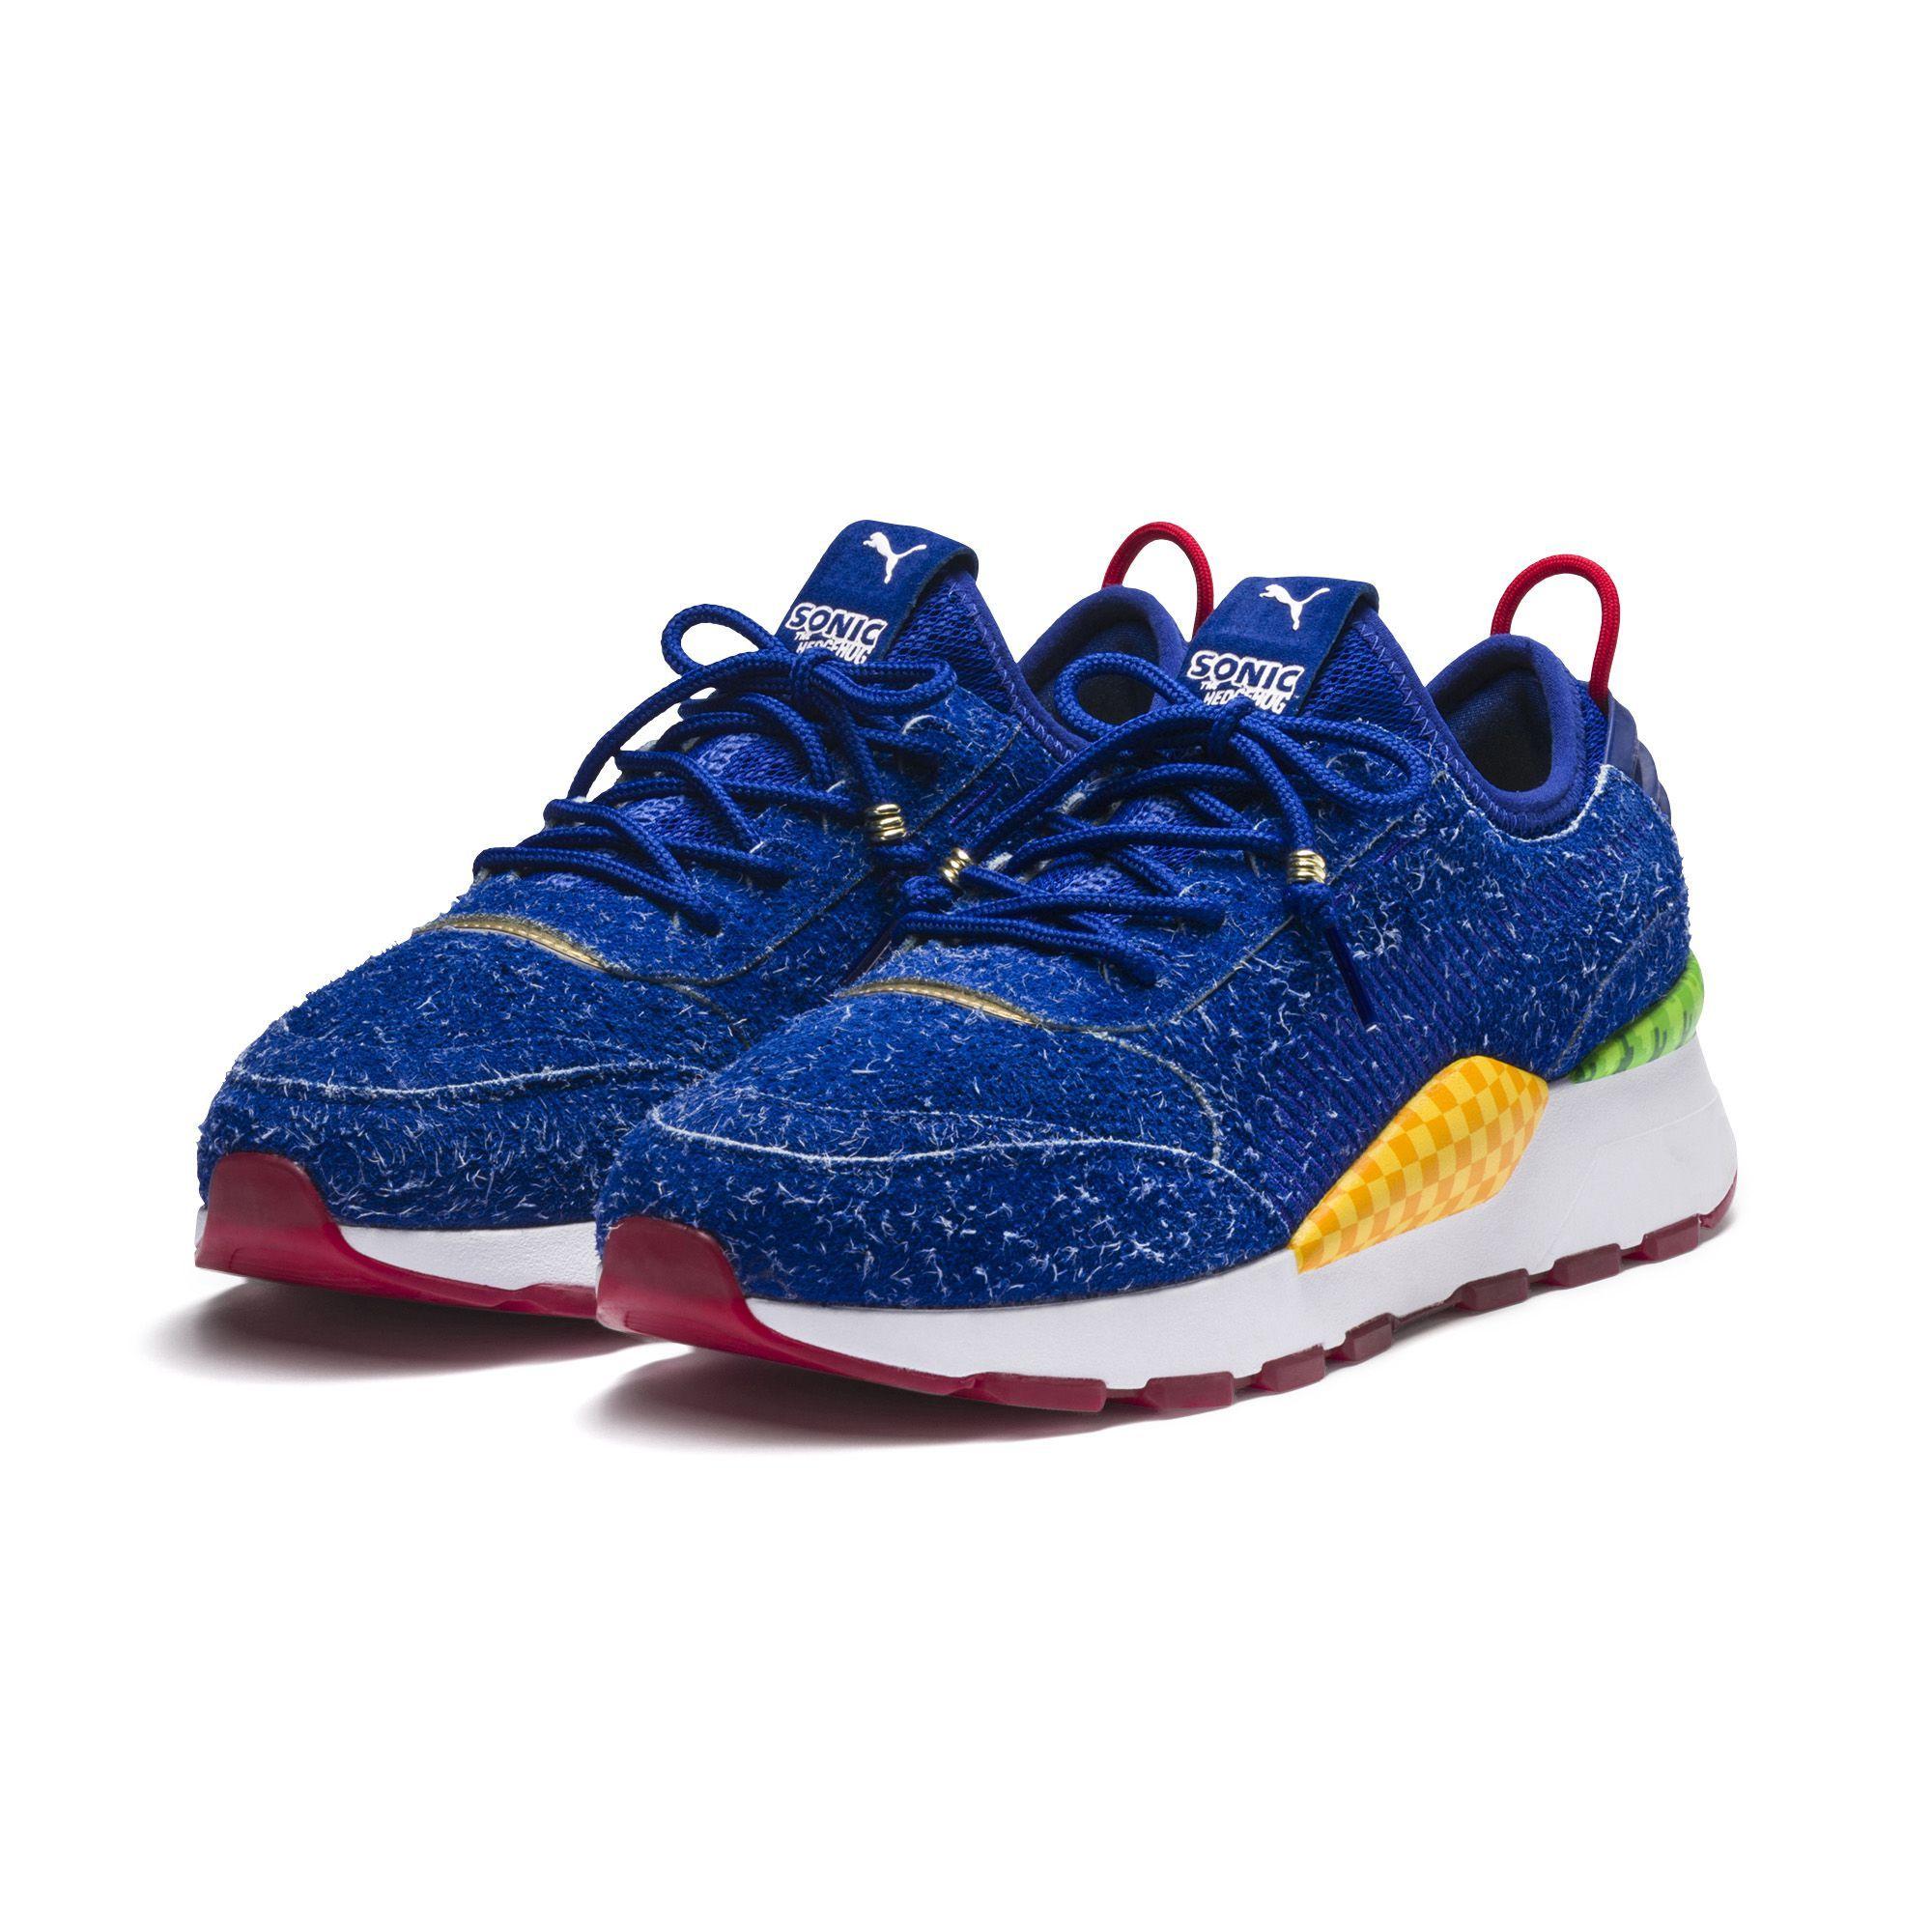 Puma x Sega bringen einen Sonic Sneaker auf den Markt!